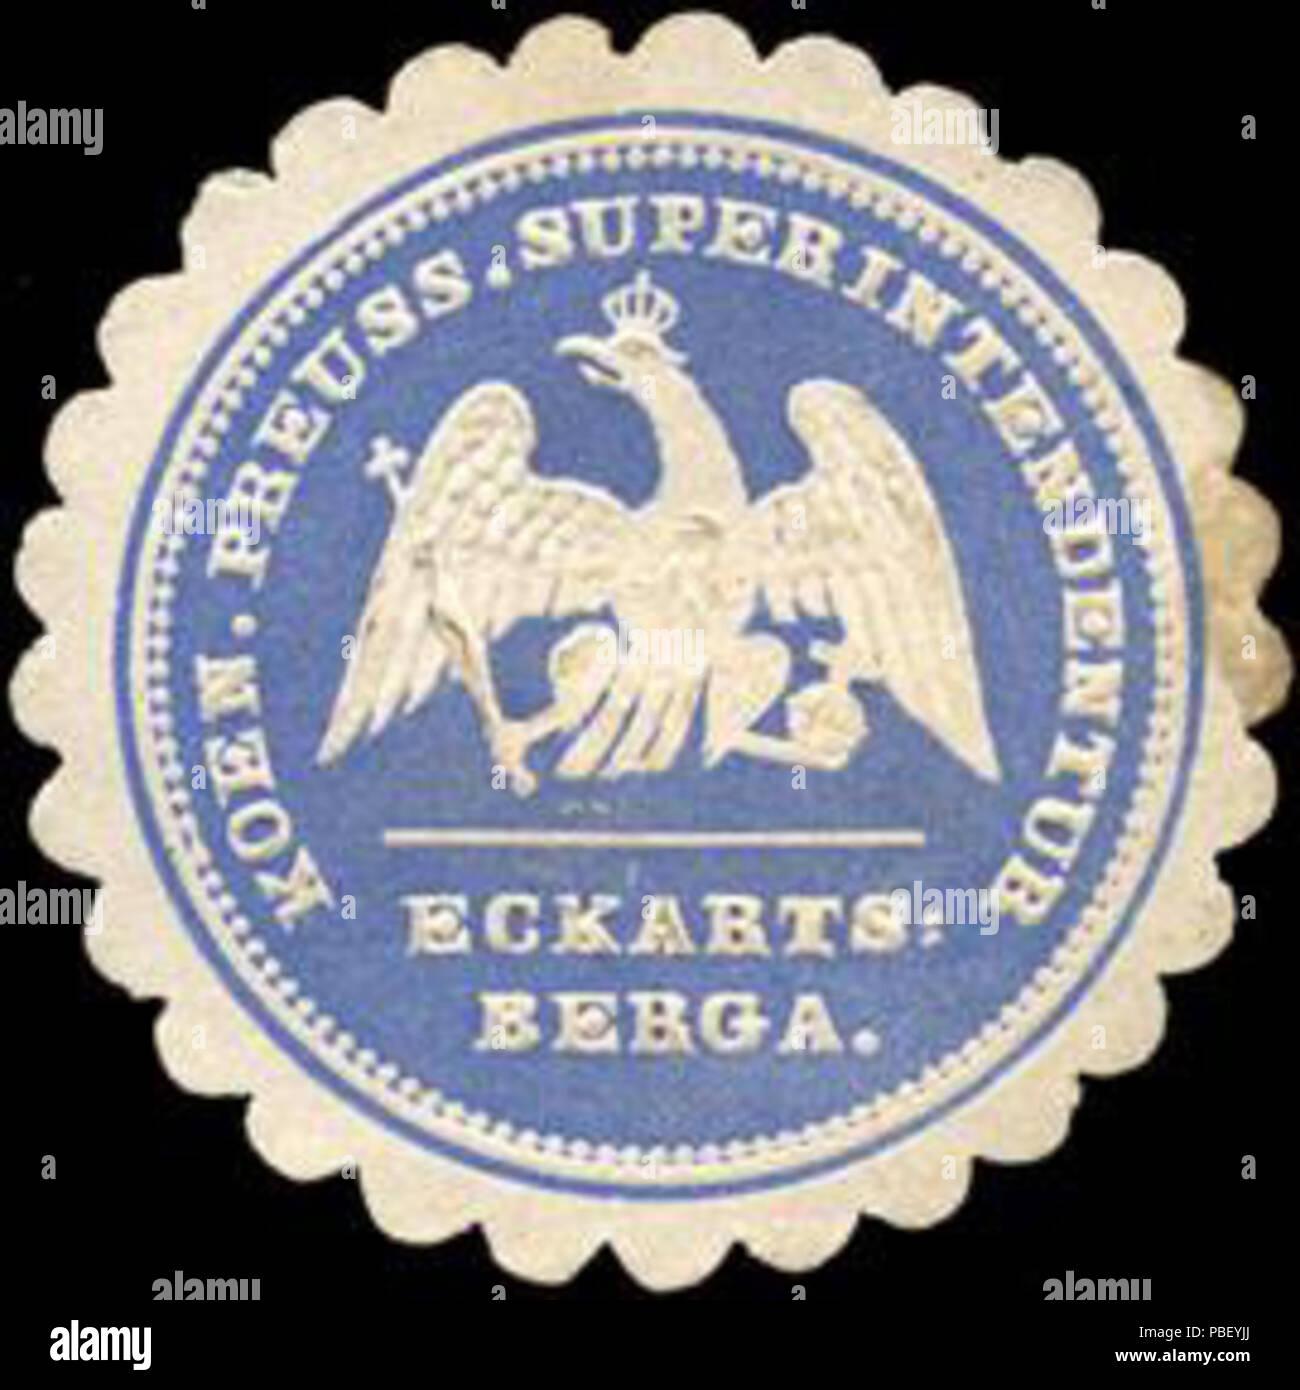 1442 Siegelmarke Koeniglich Preussische Superintendentur Eckartsberga  W0219889